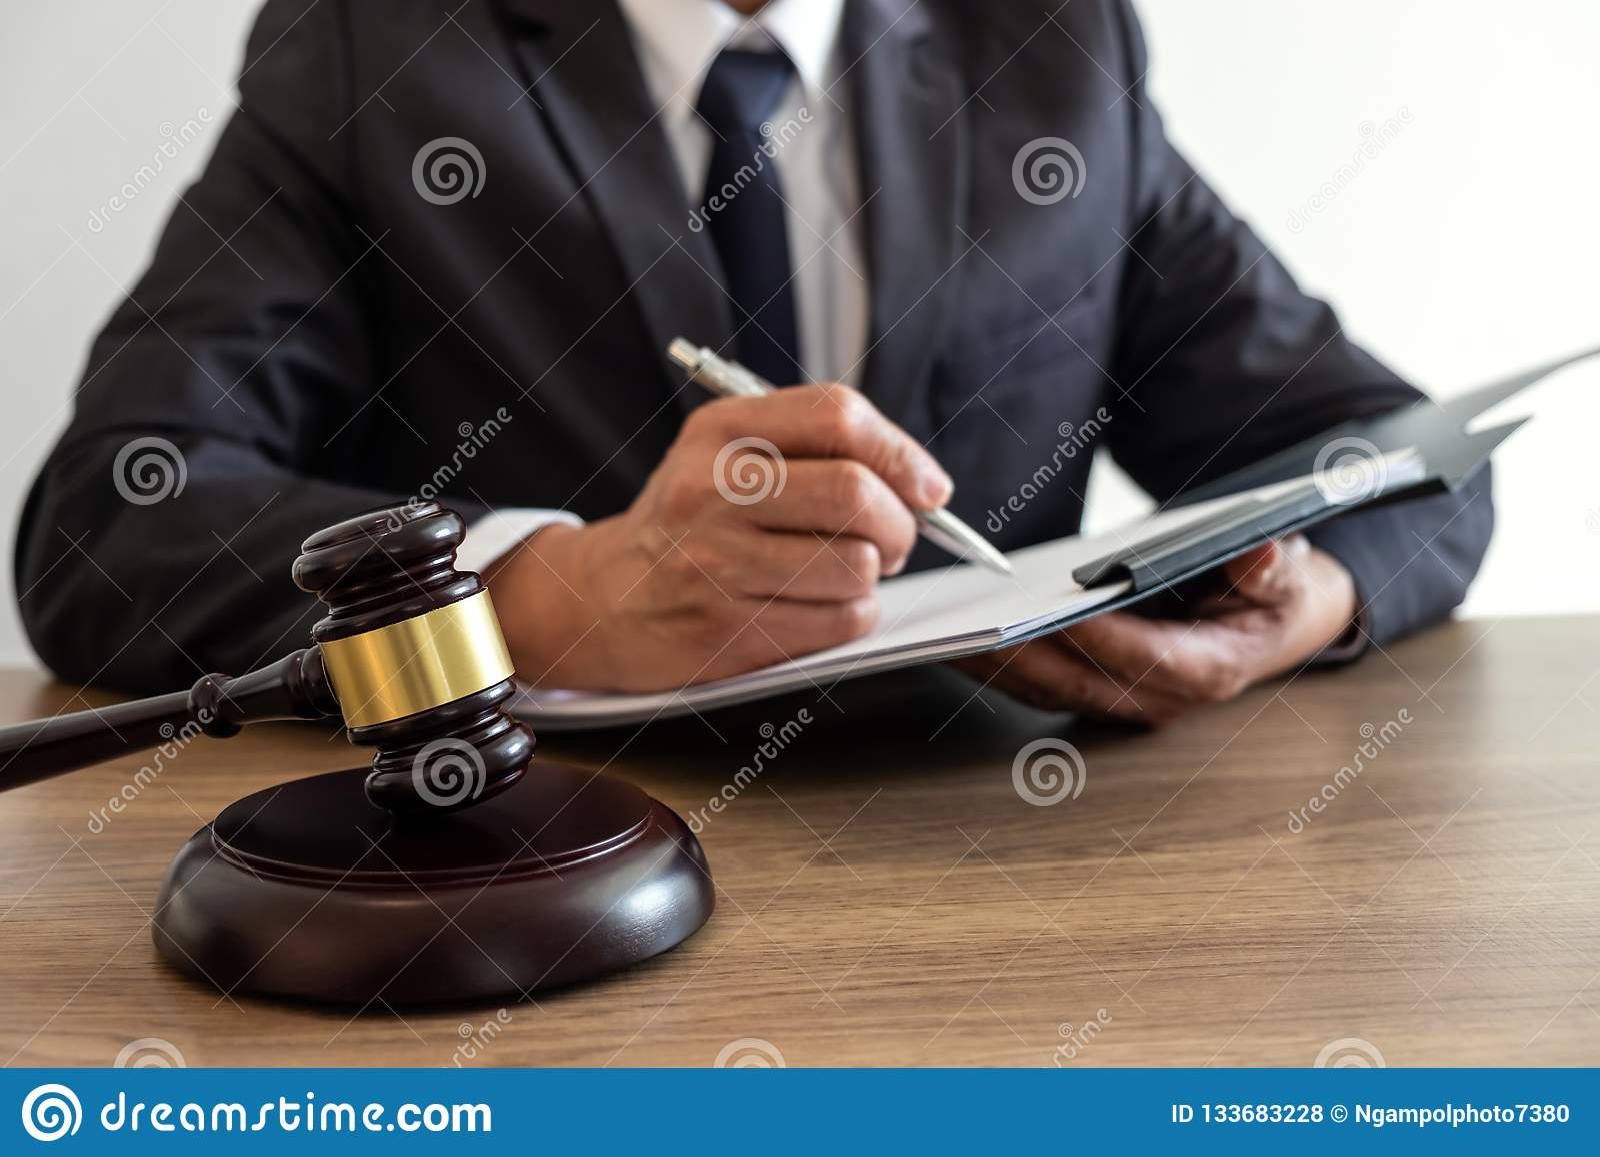 法律法律、忠告和正义概念,顾问律师或者notar